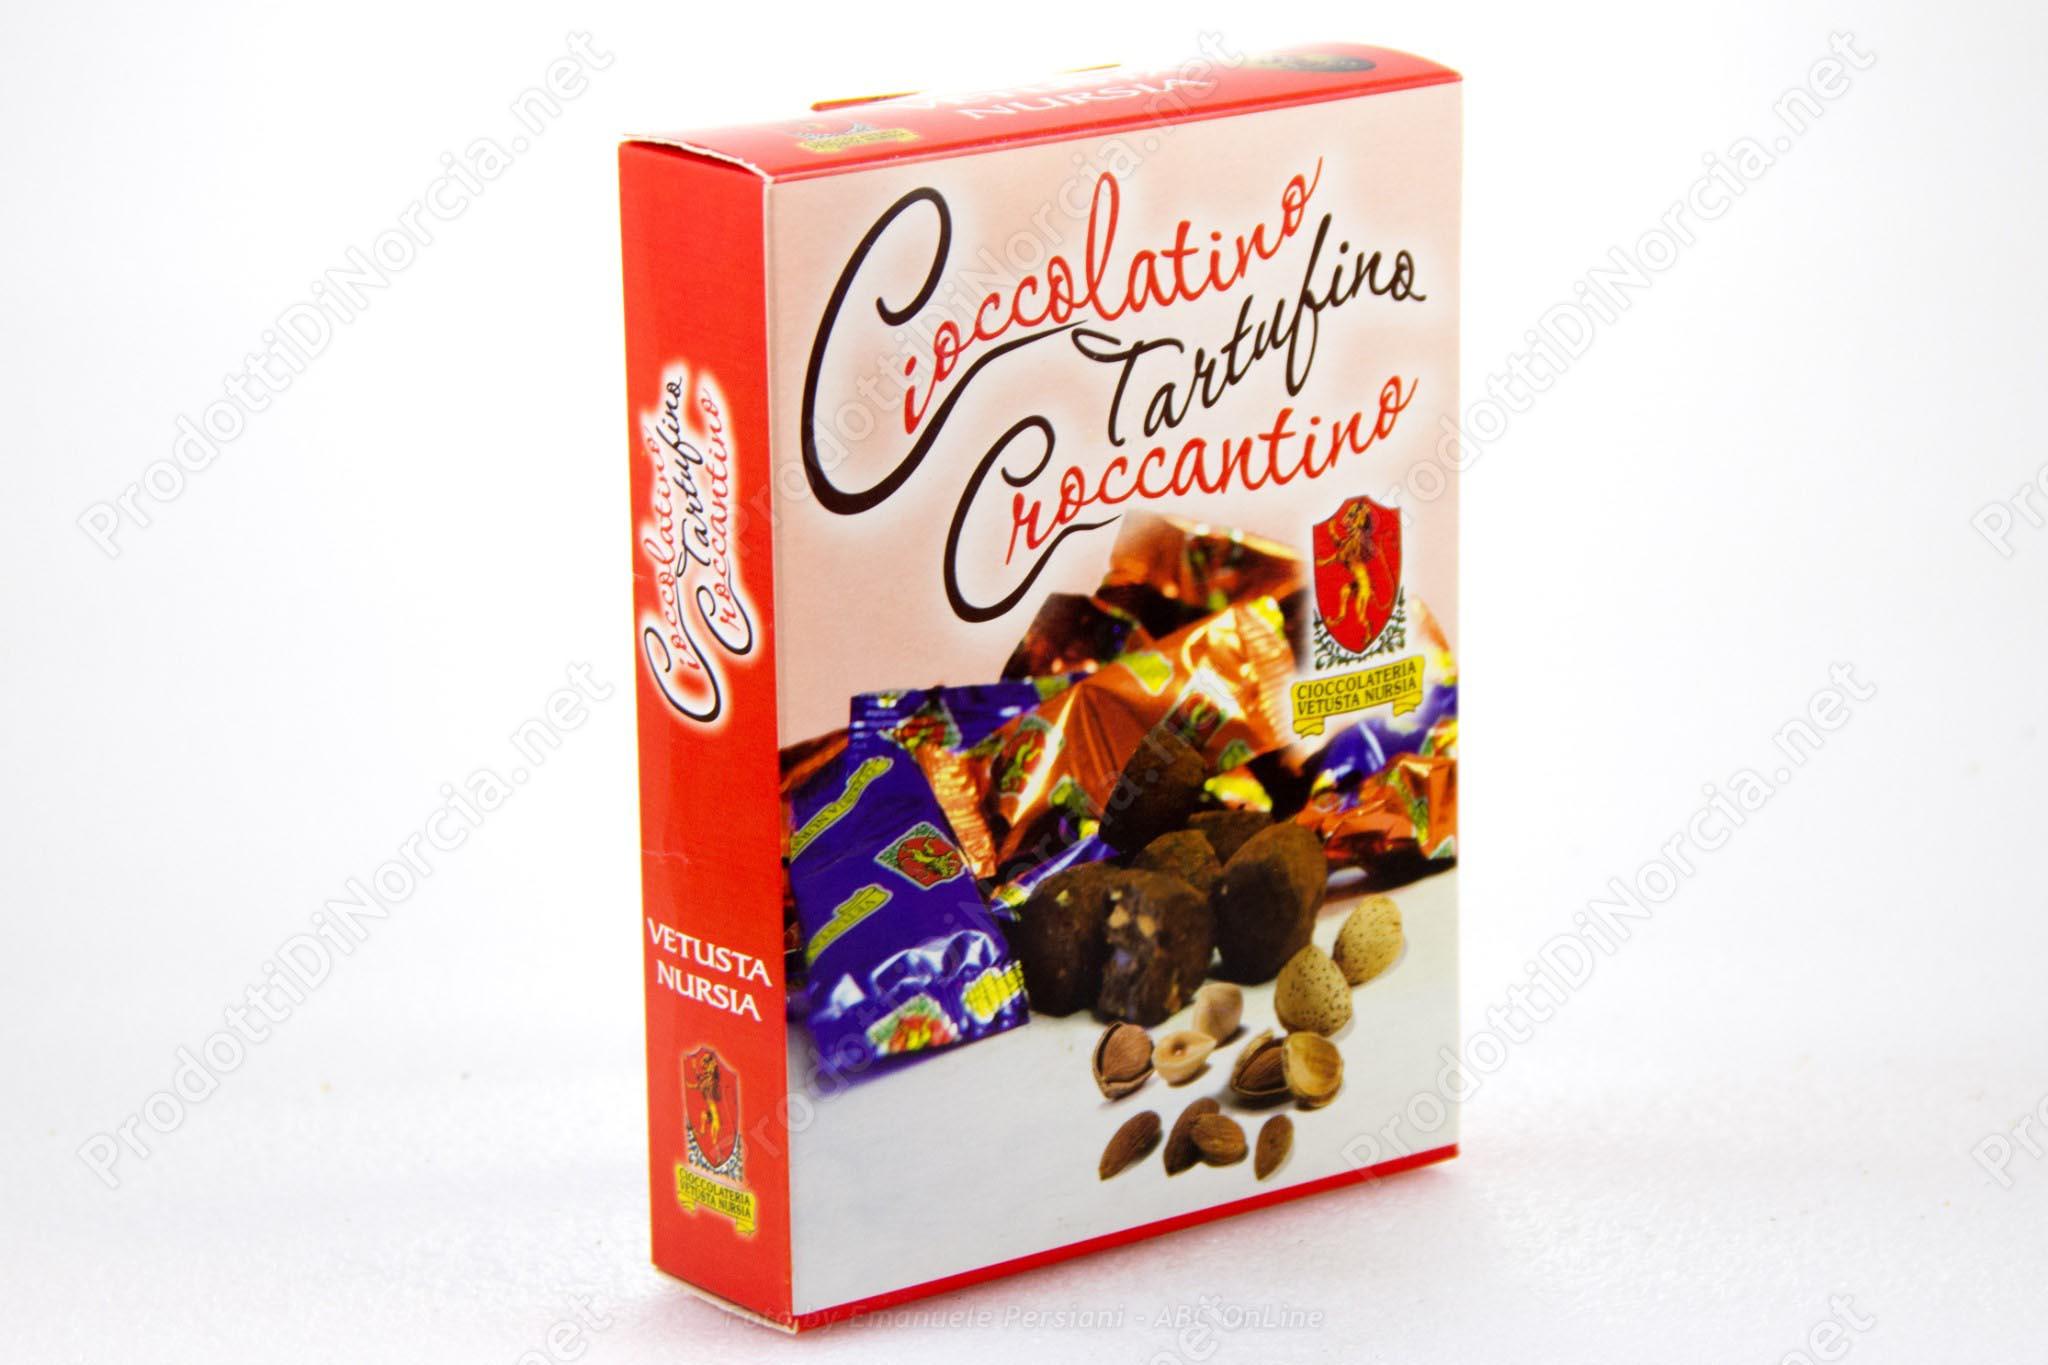 Cioccolatino Tartufino Croccantino Norcia